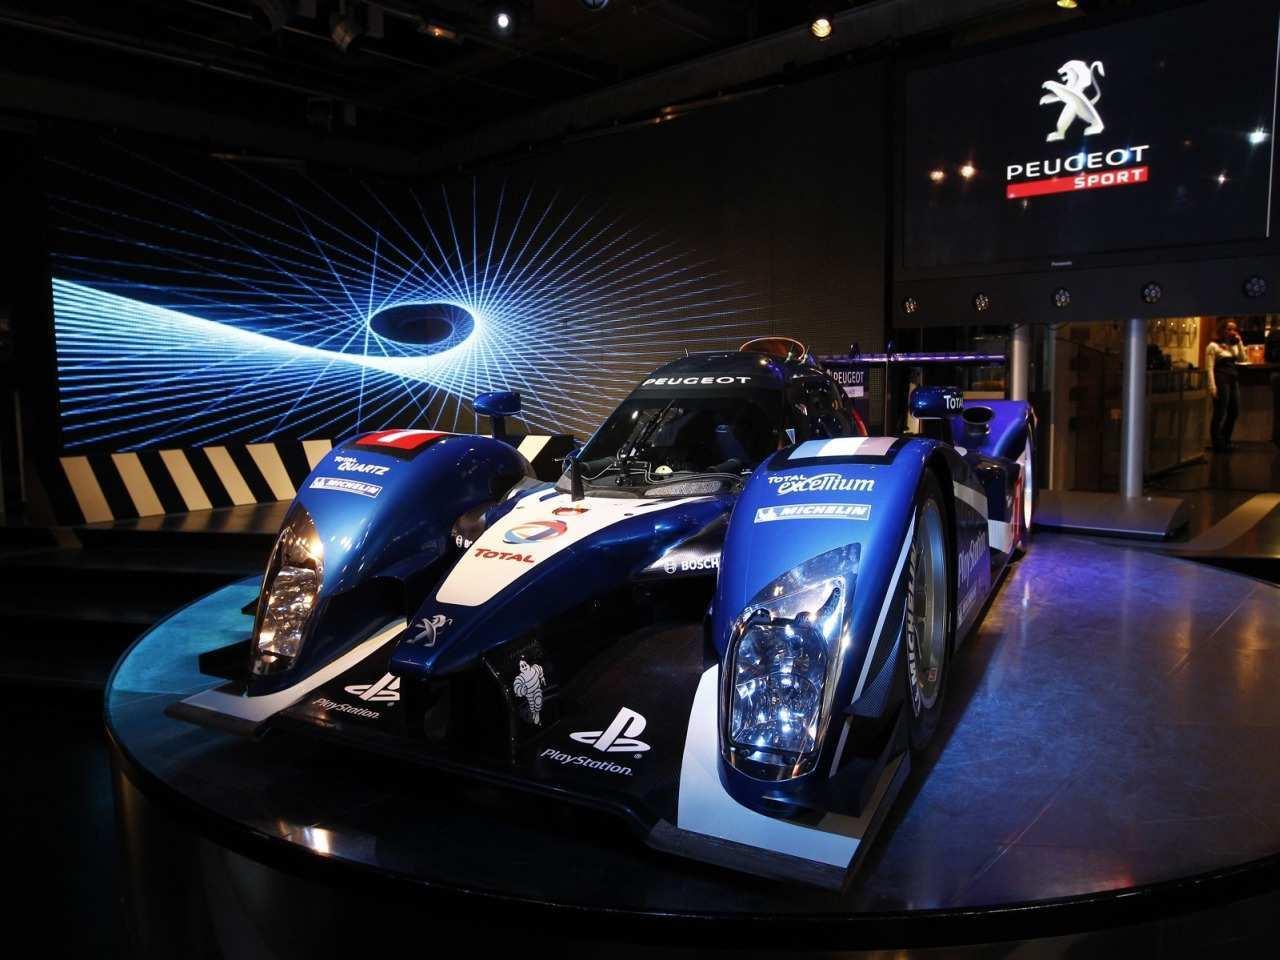 82 Best Review Peugeot Le Mans 2020 Review for Peugeot Le Mans 2020